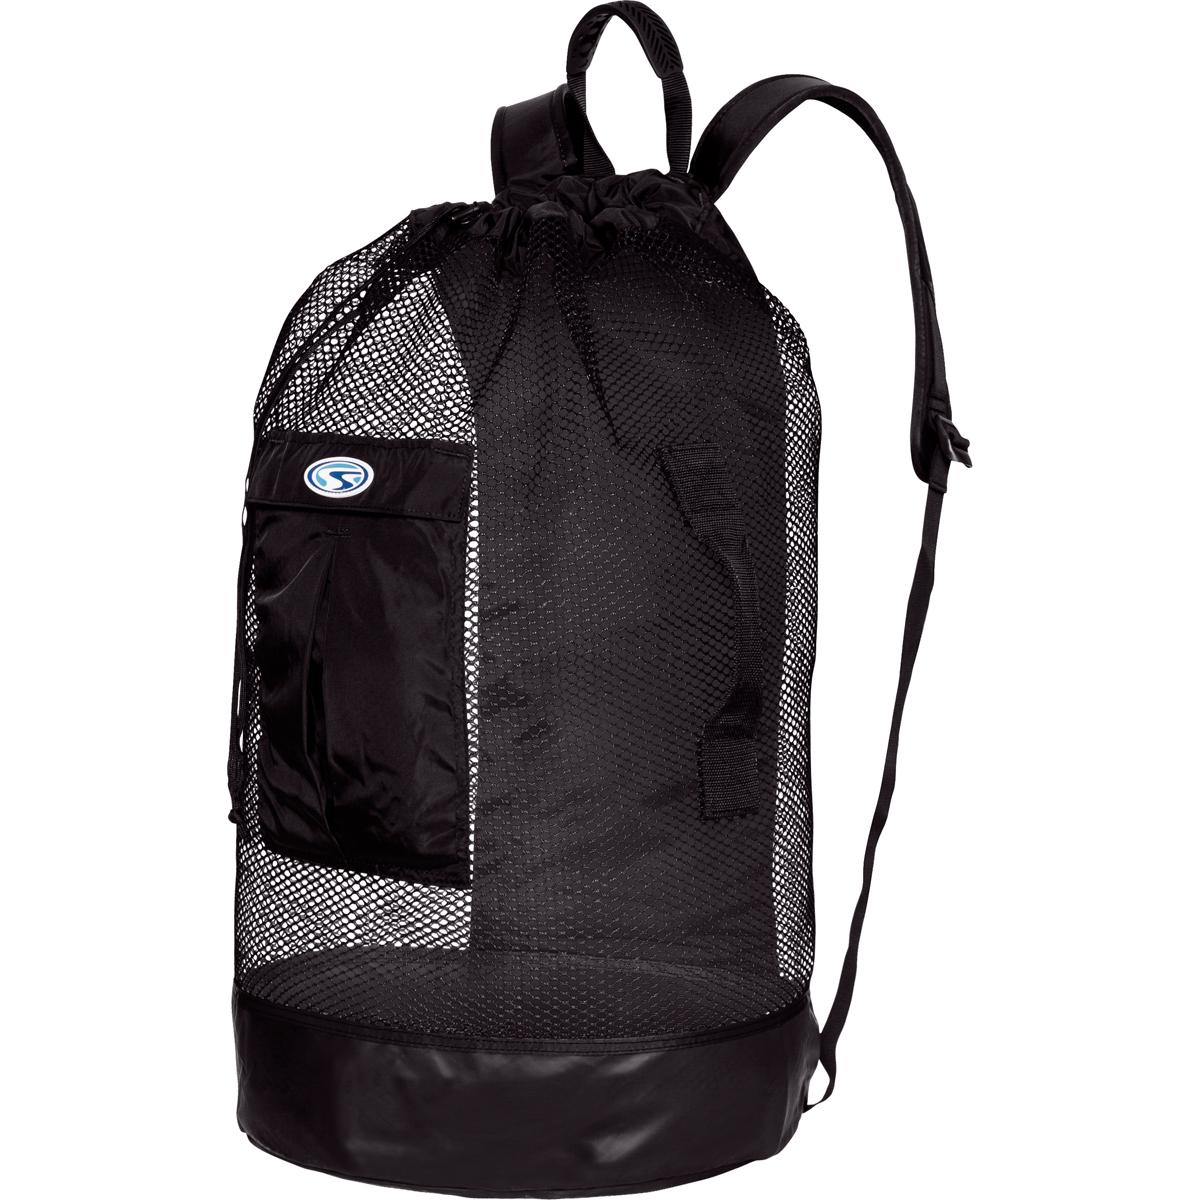 Stahlsac Panama Mesh Bag